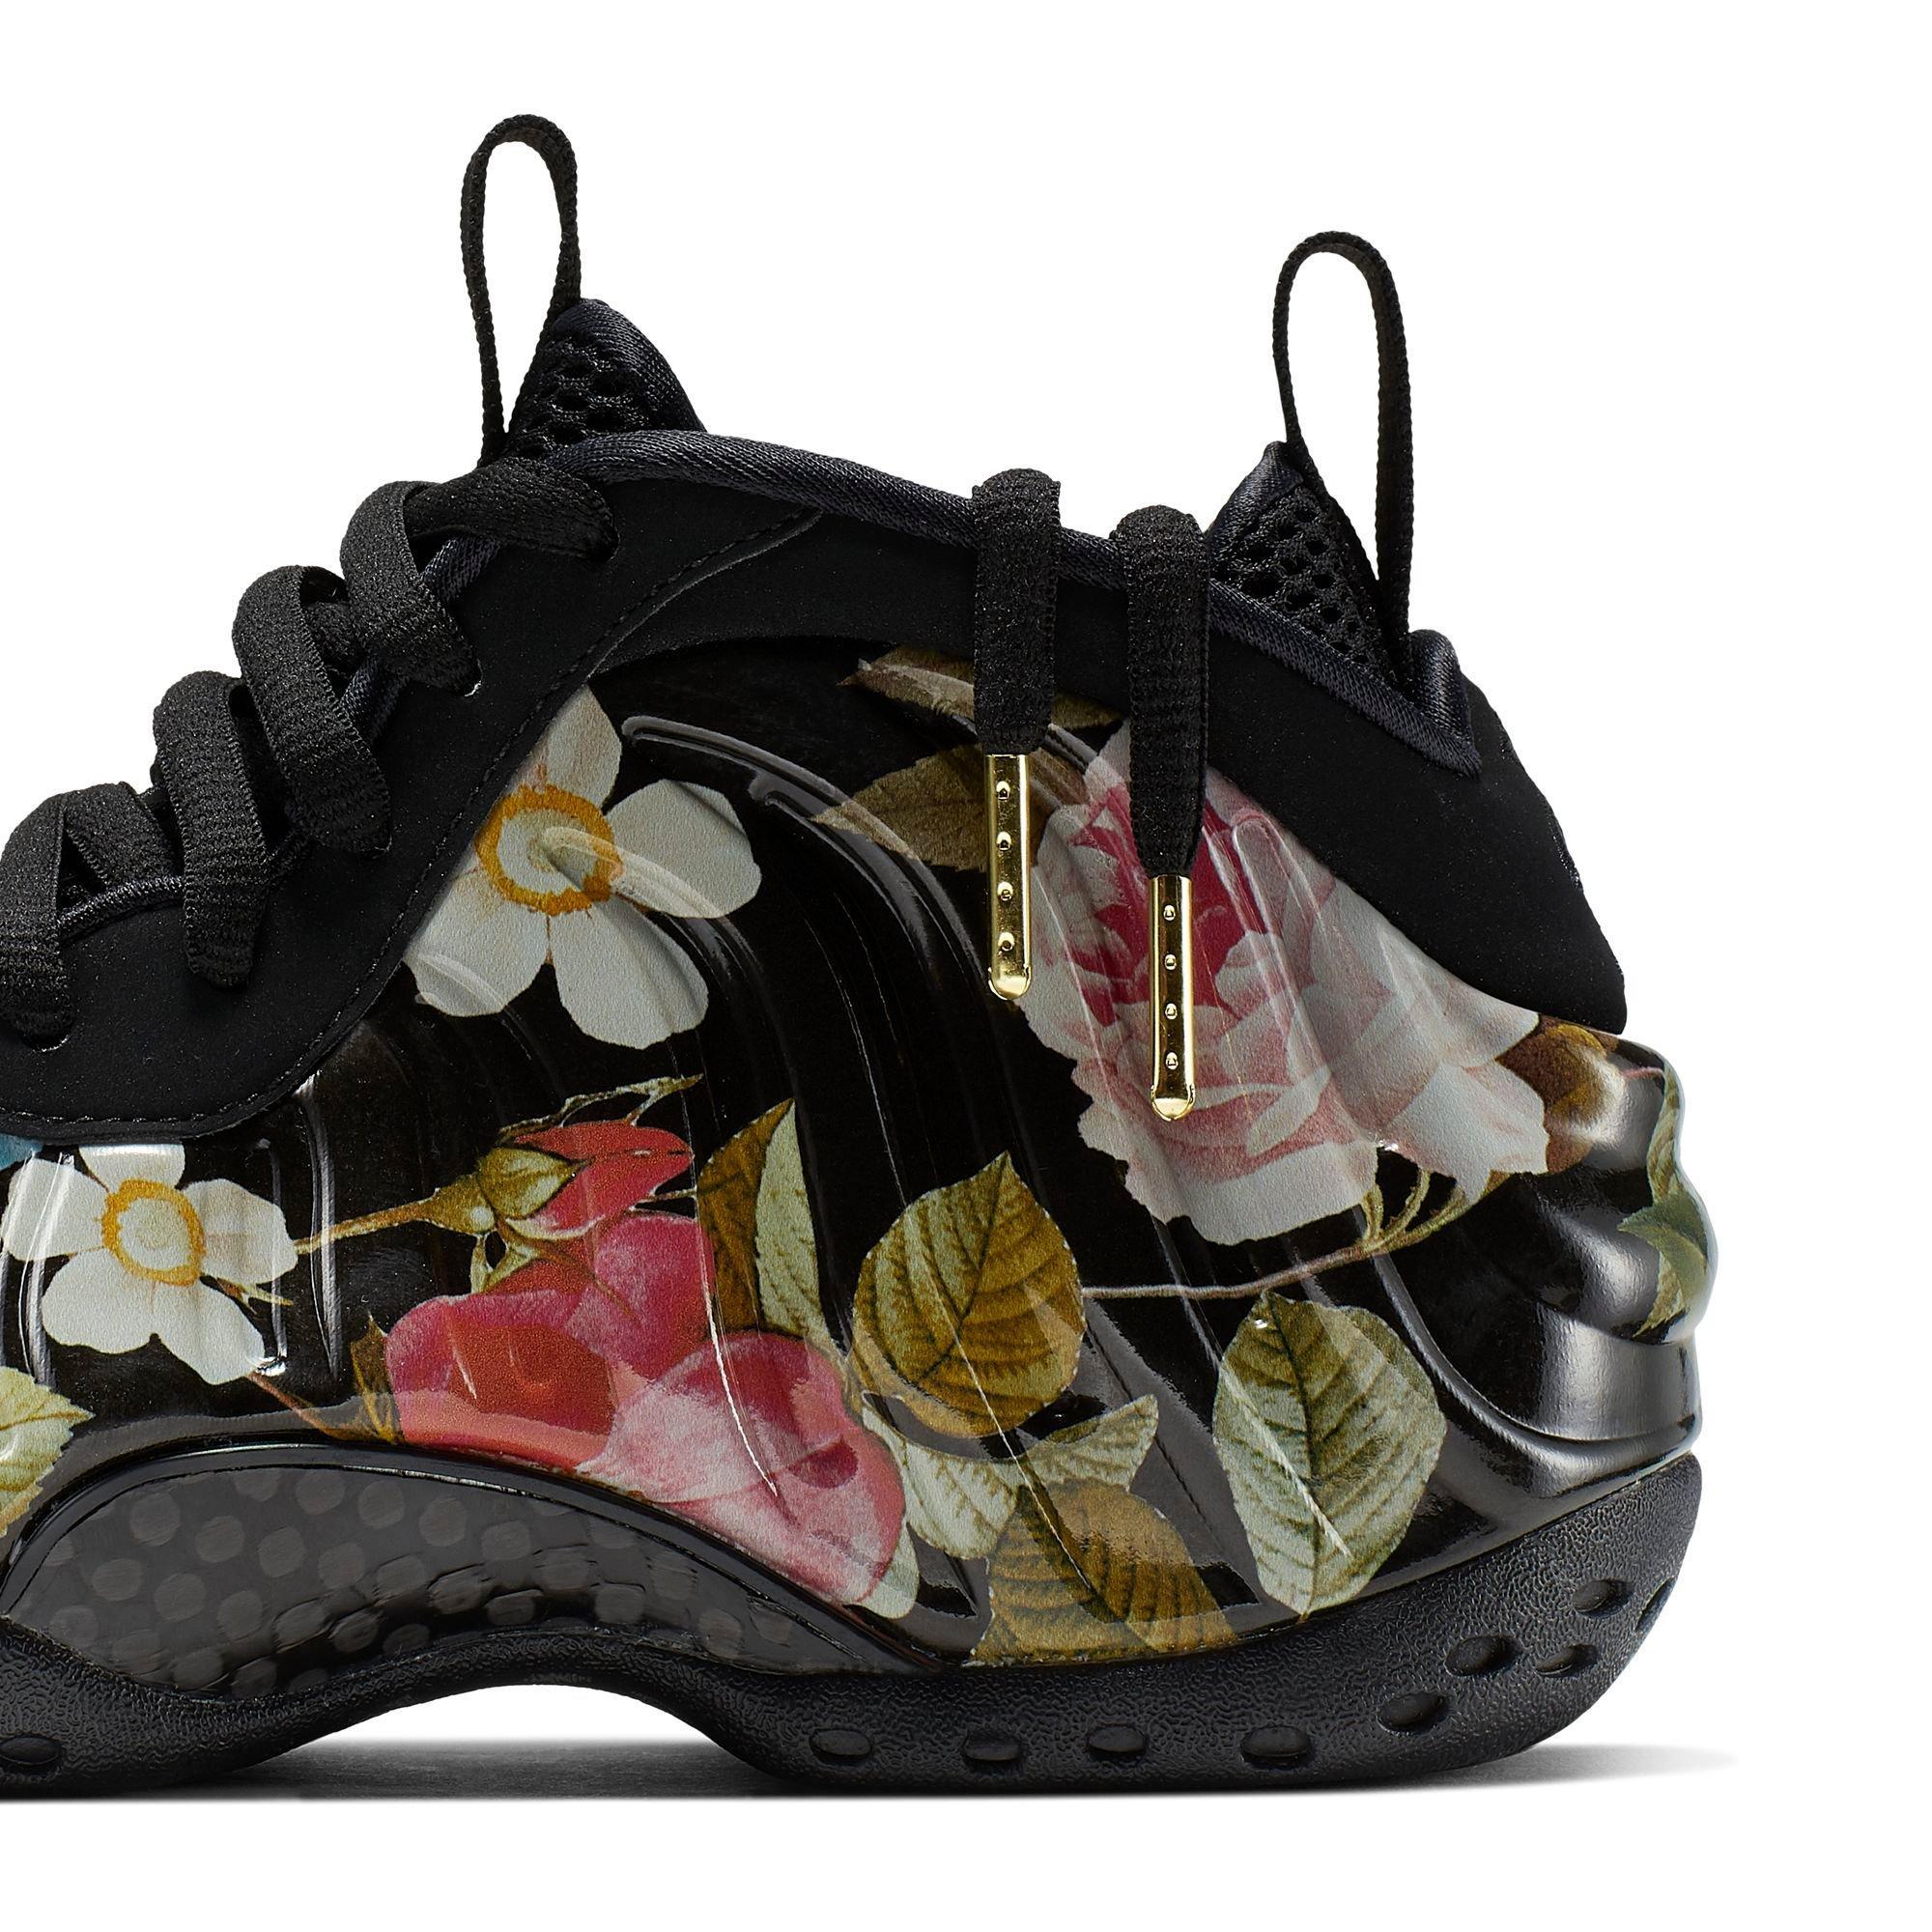 Nike Air Foamposite One Prm Black Suede Bmet